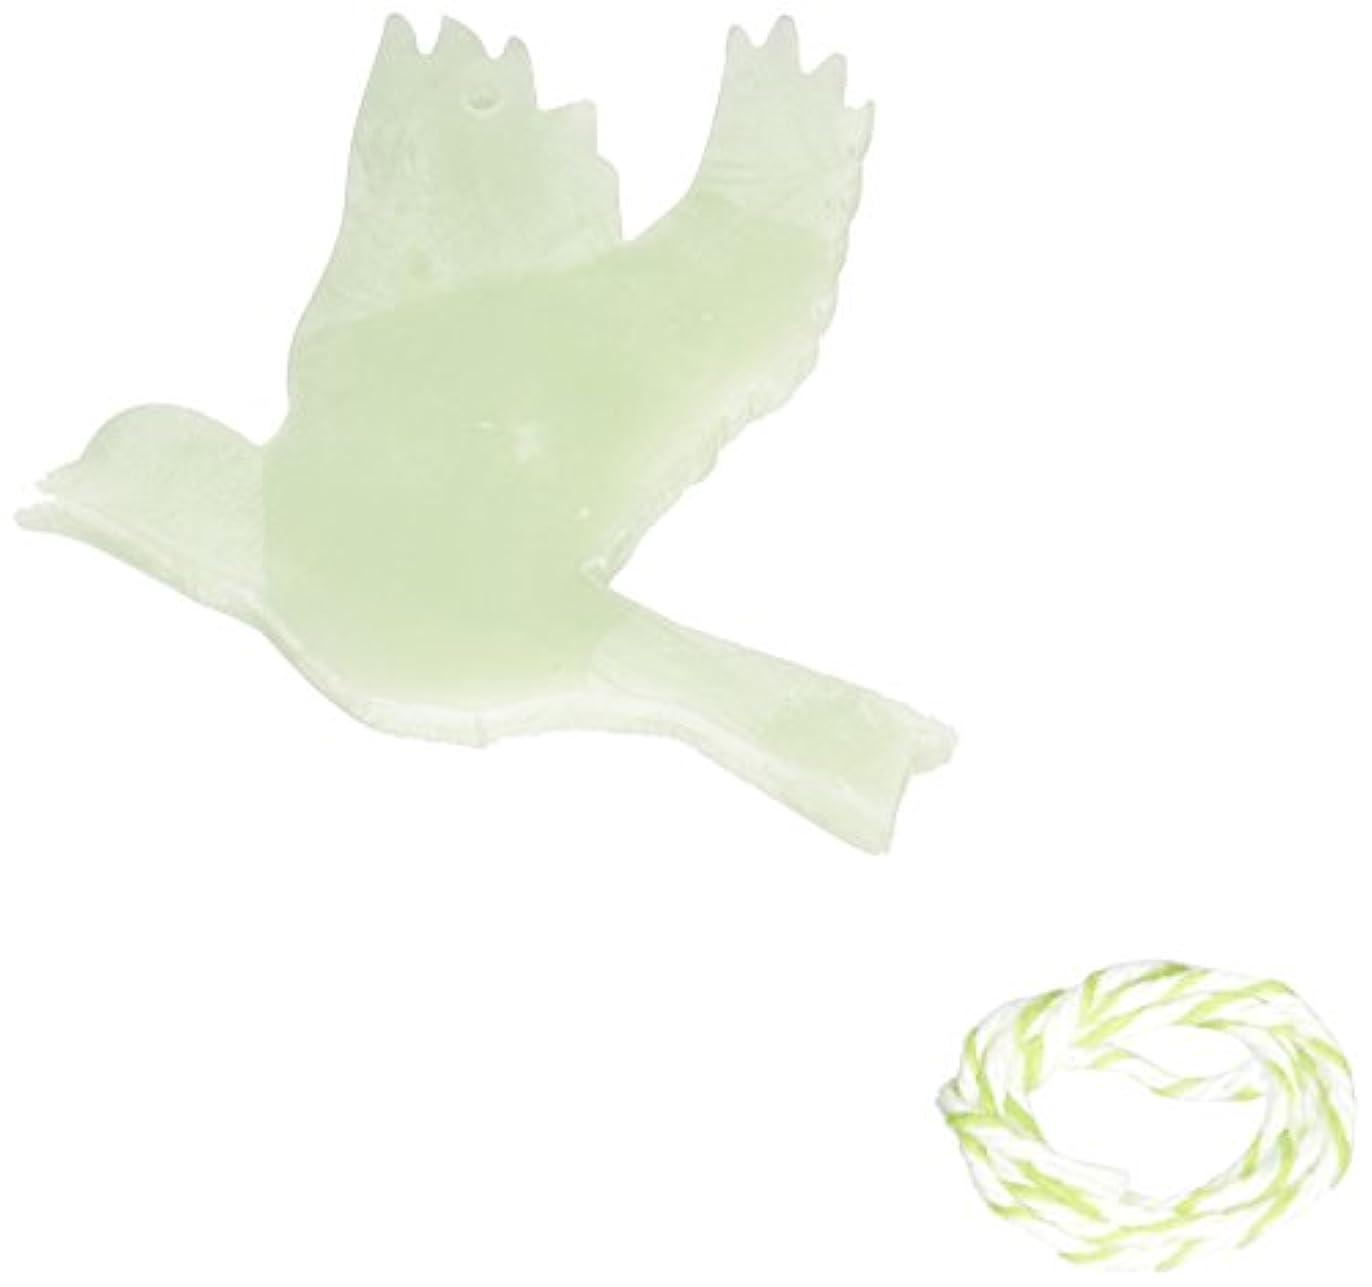 欠点リマ記憶に残るGRASSE TOKYO AROMATICWAXチャーム「ハト」(GR) レモングラス アロマティックワックス グラーストウキョウ